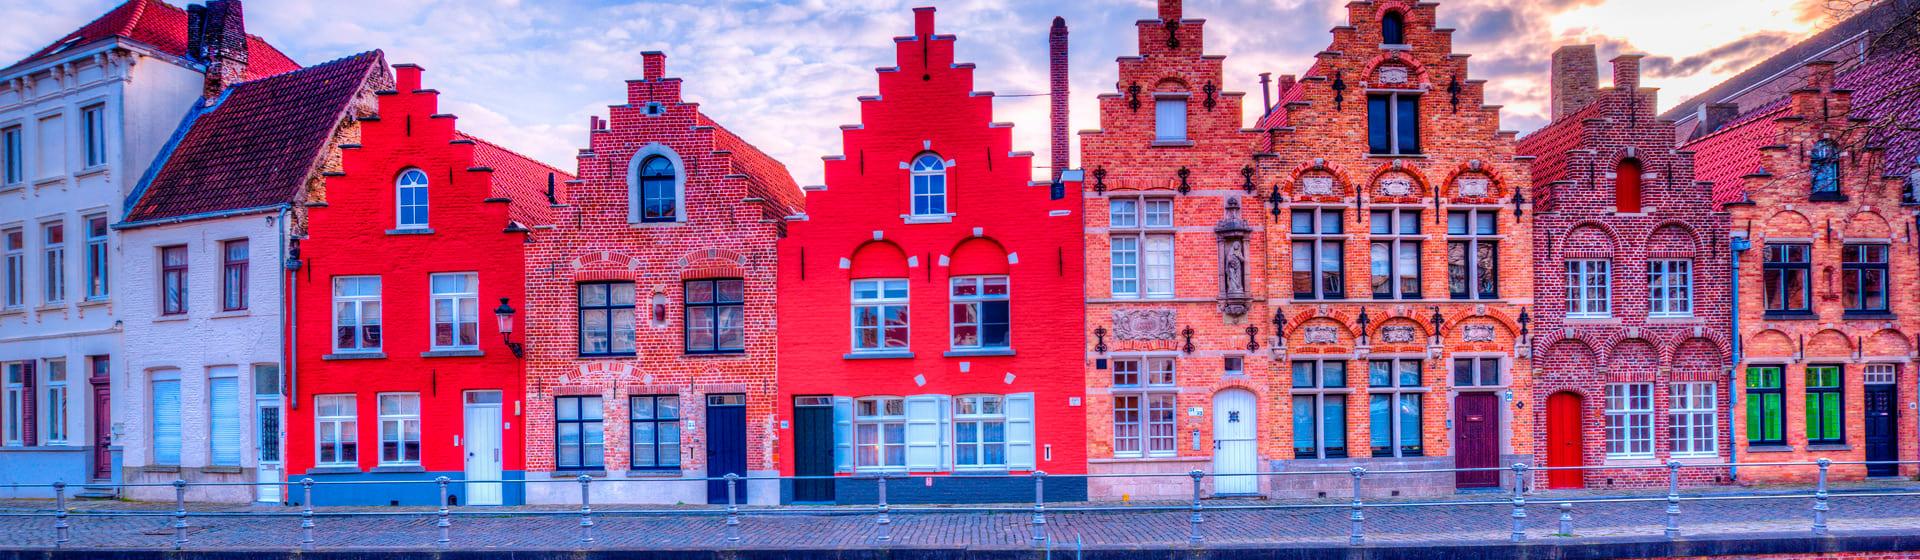 Голландия - Мерч и одежда с атрибутикой